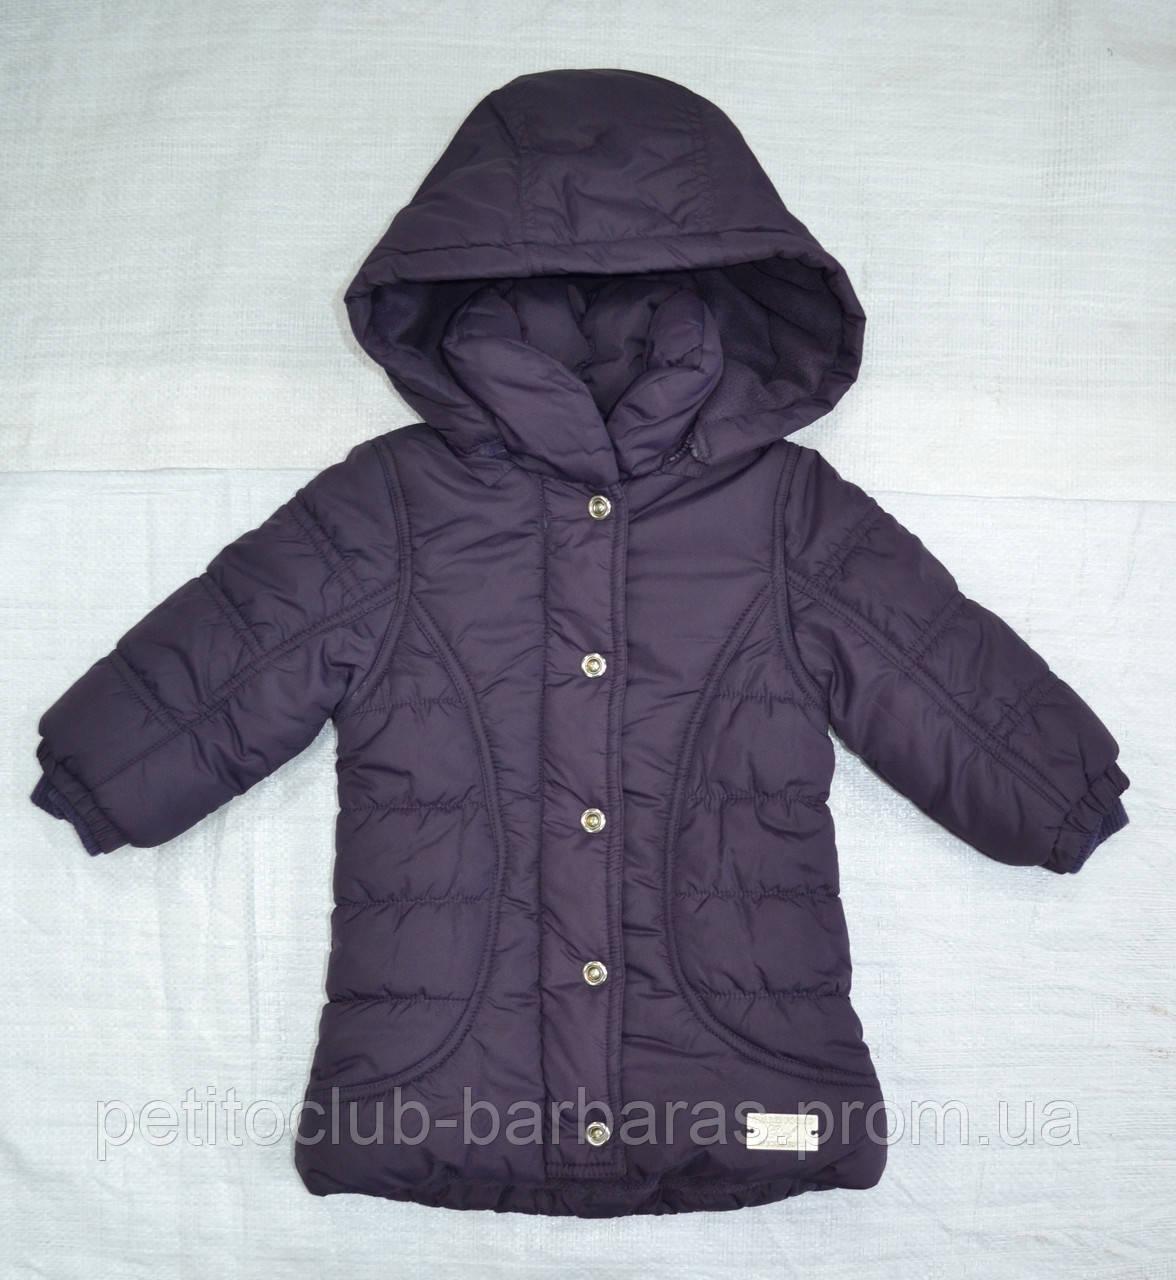 Куртка зимняя для девочки MILLA фиолетовая (QuadriFoglio, Польша)